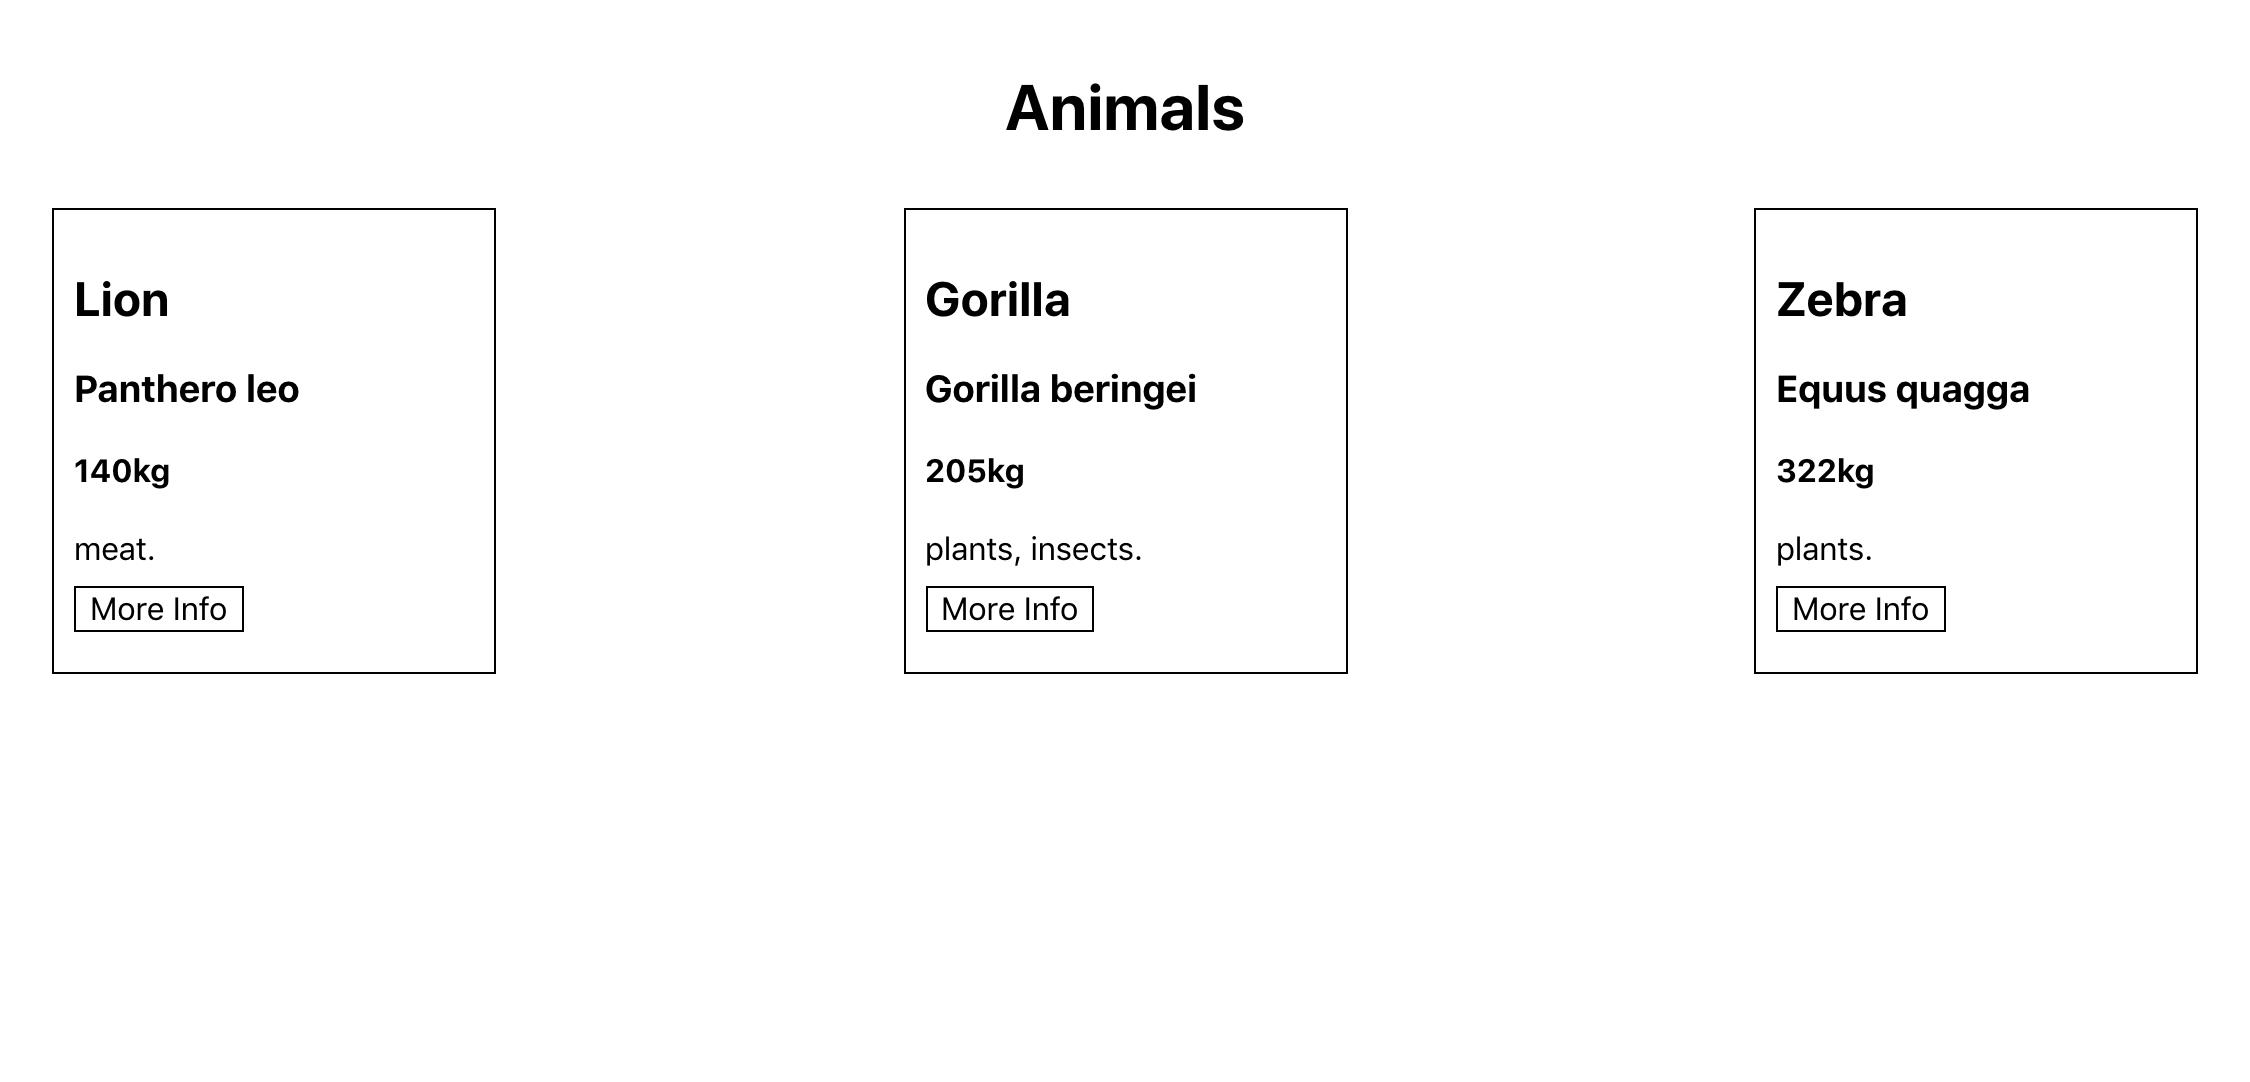 Proyecto React con tarjetas de animales con el estilo